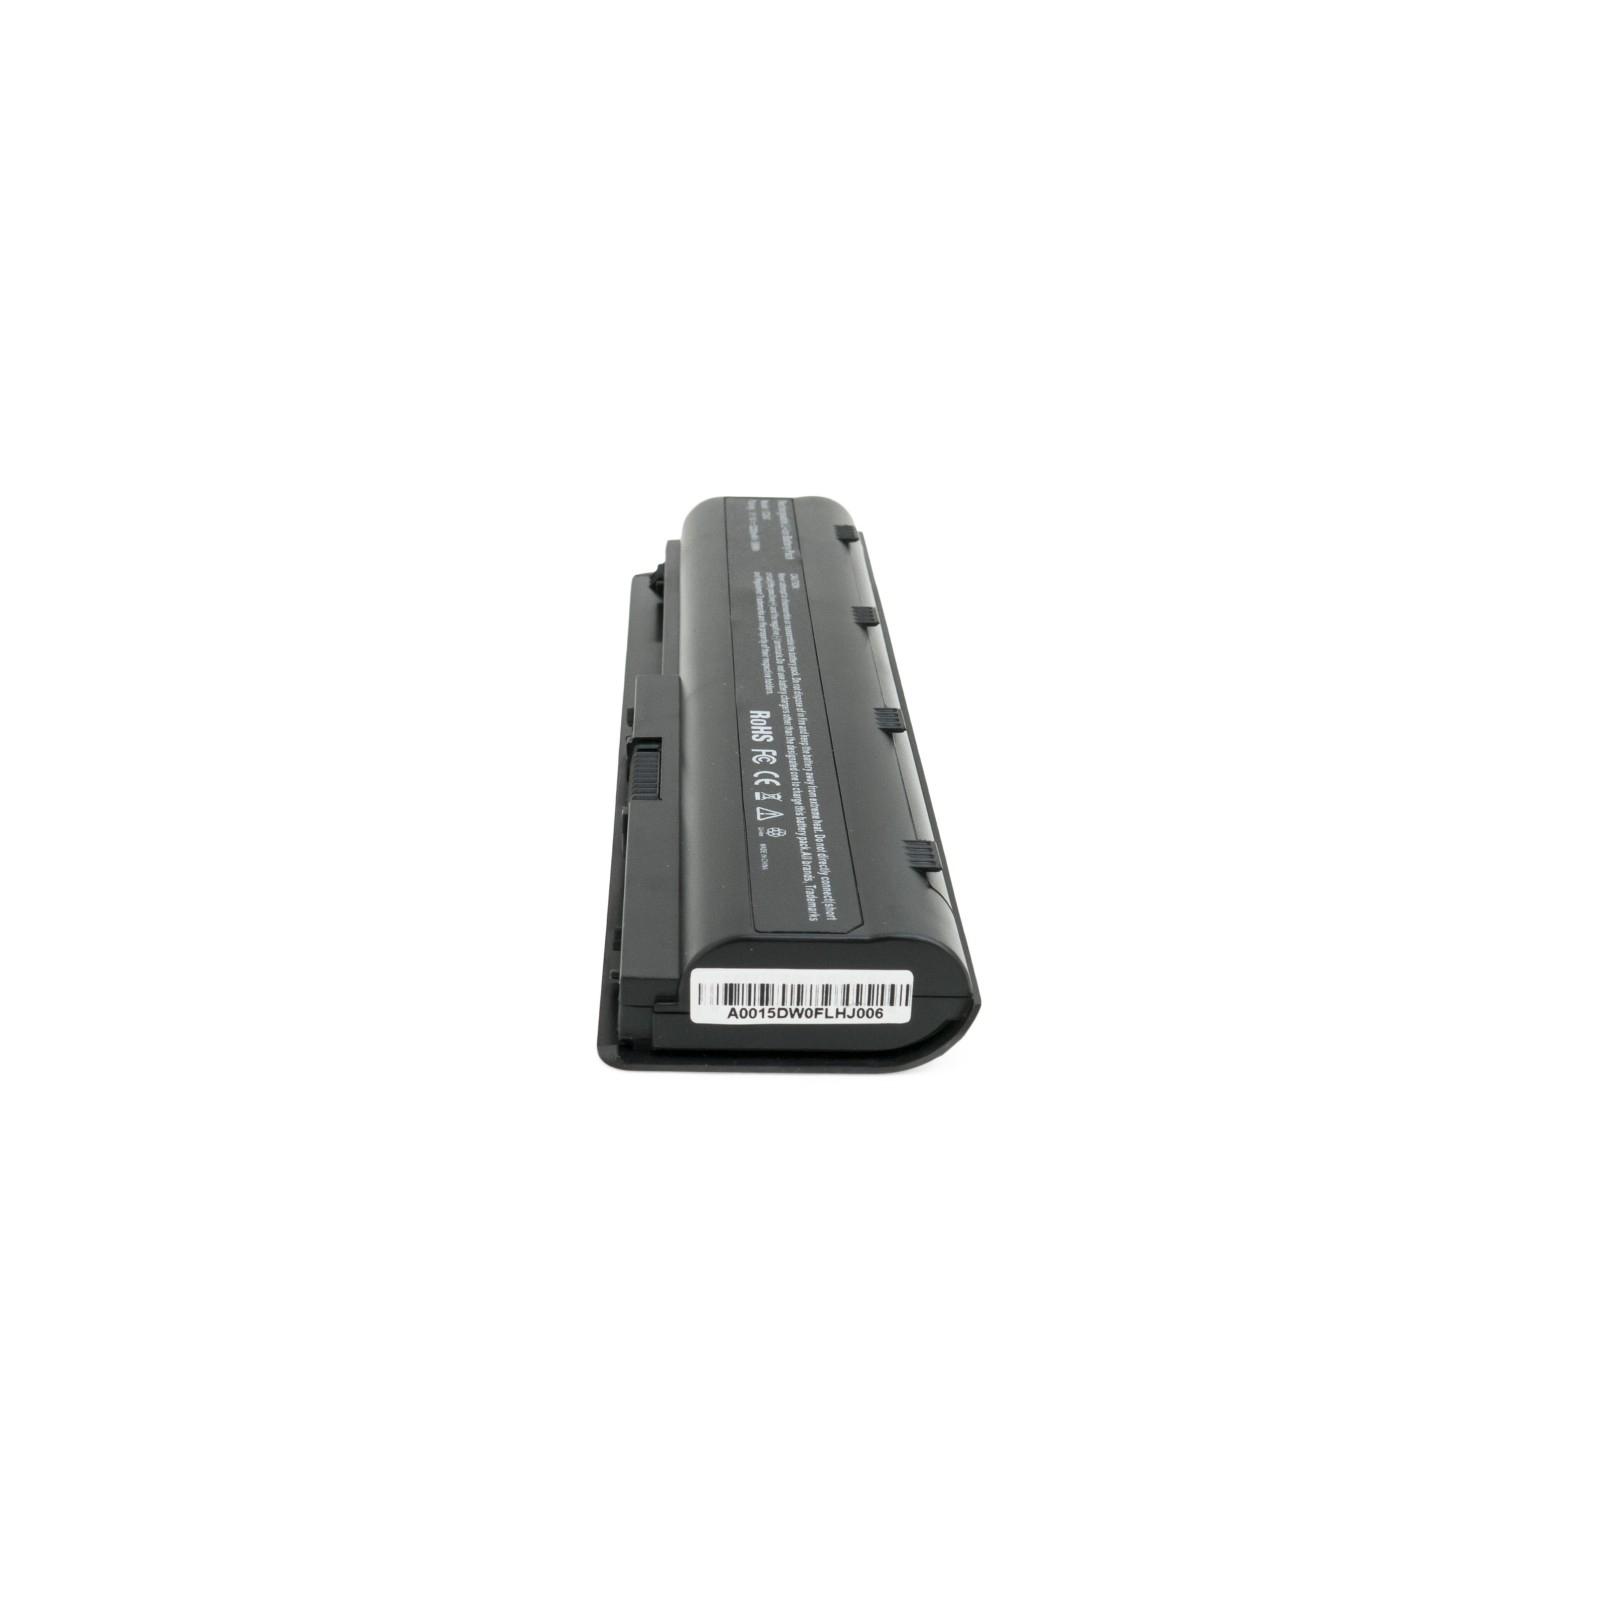 Аккумулятор для ноутбука HP 630 (HSTNN-Q62C) 5200 mAh Extradigital (BNH3942) изображение 5